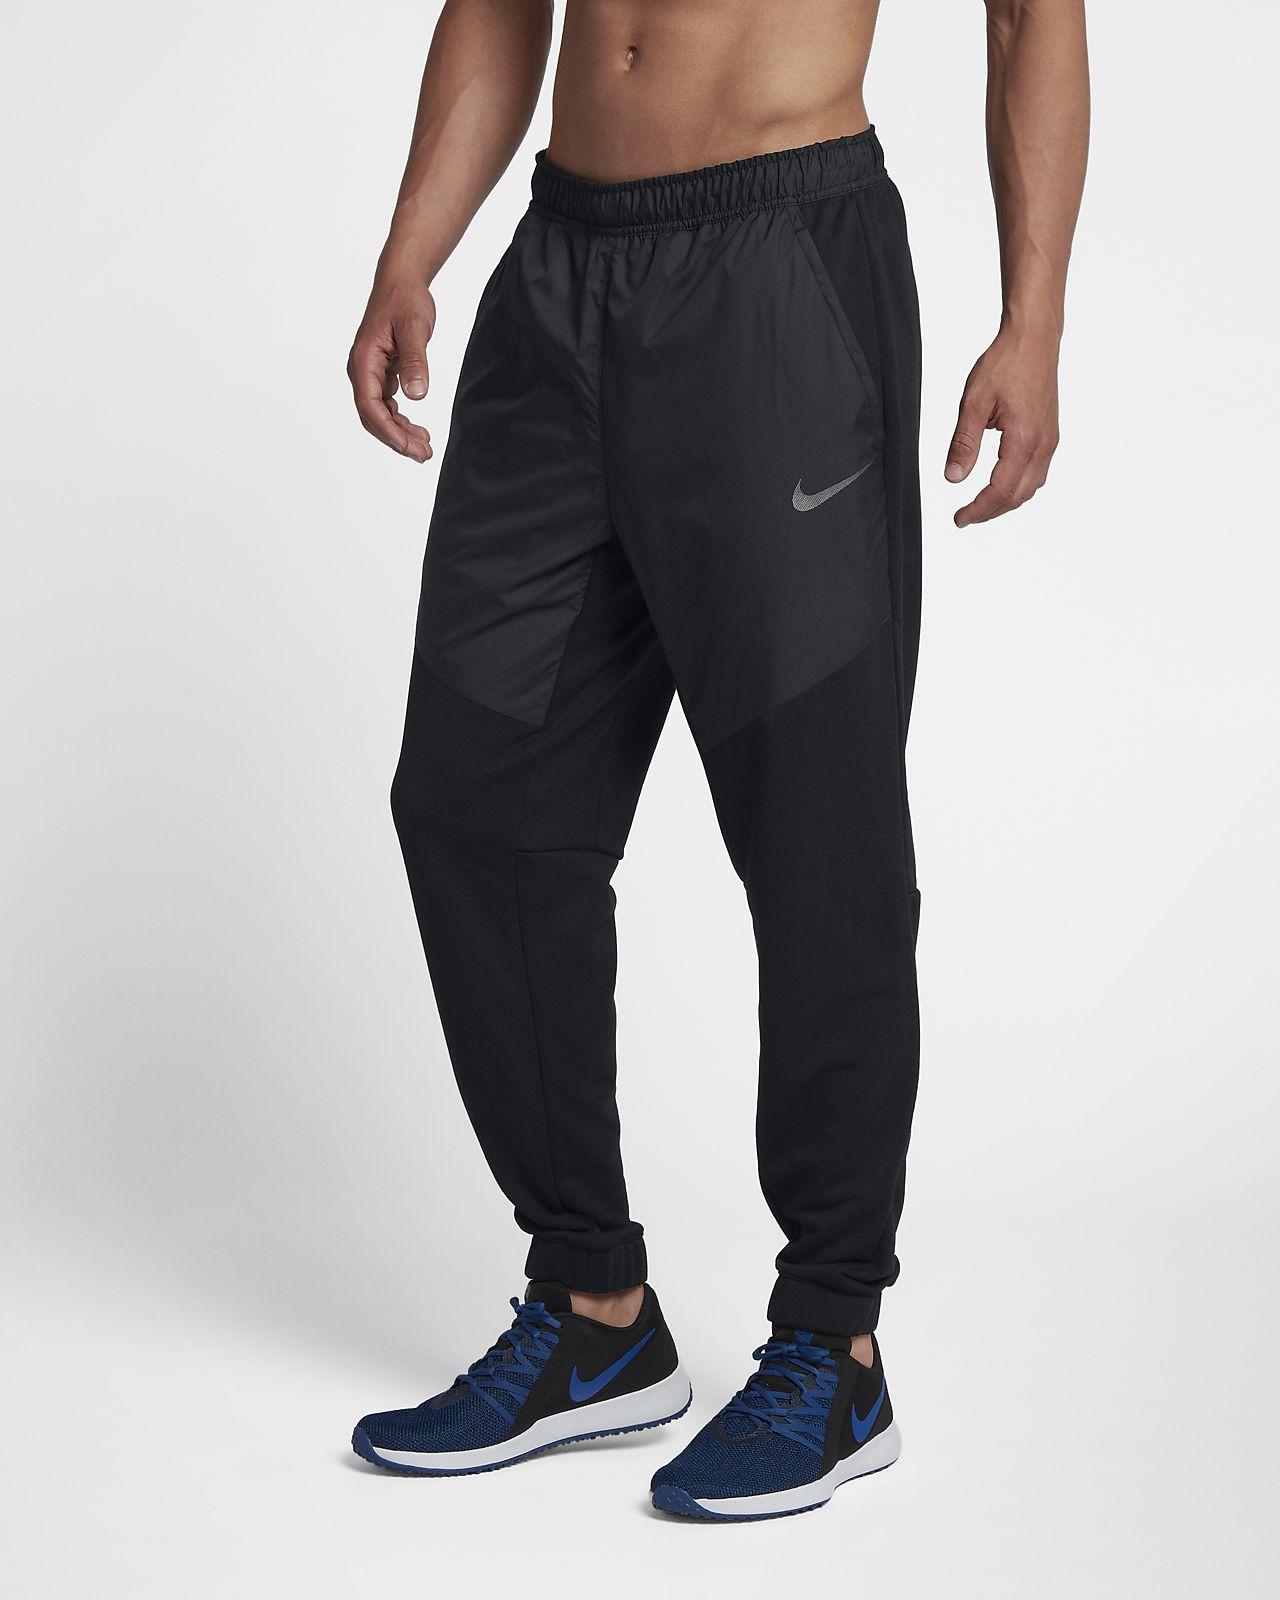 Nike Dri-FIT Utility férfi polár edzőnadrág